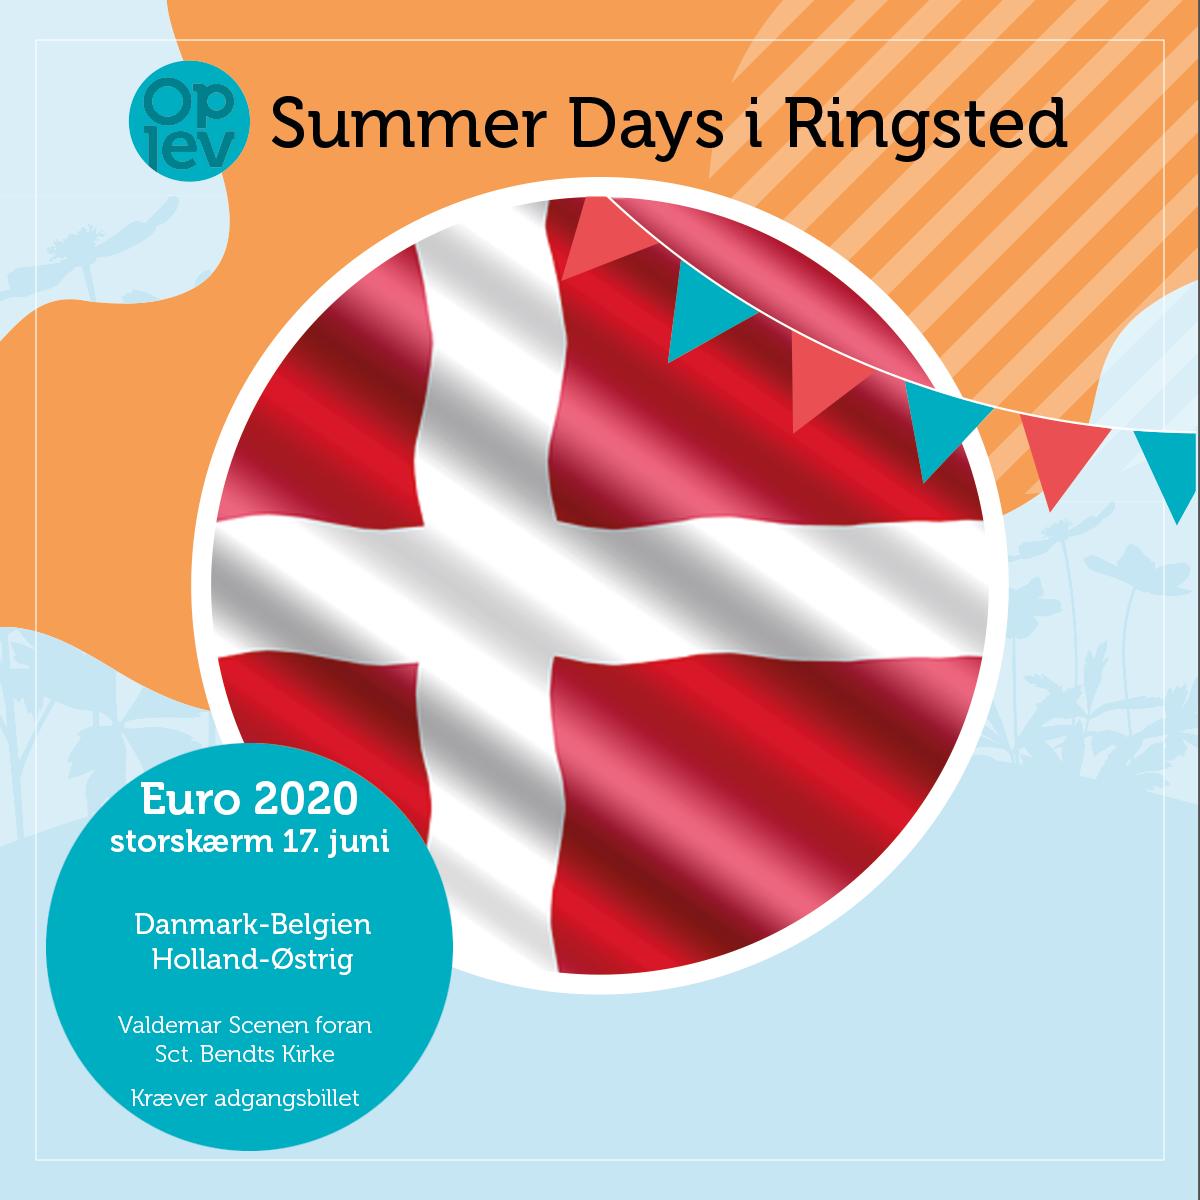 17. juni: Danmark - Belgien